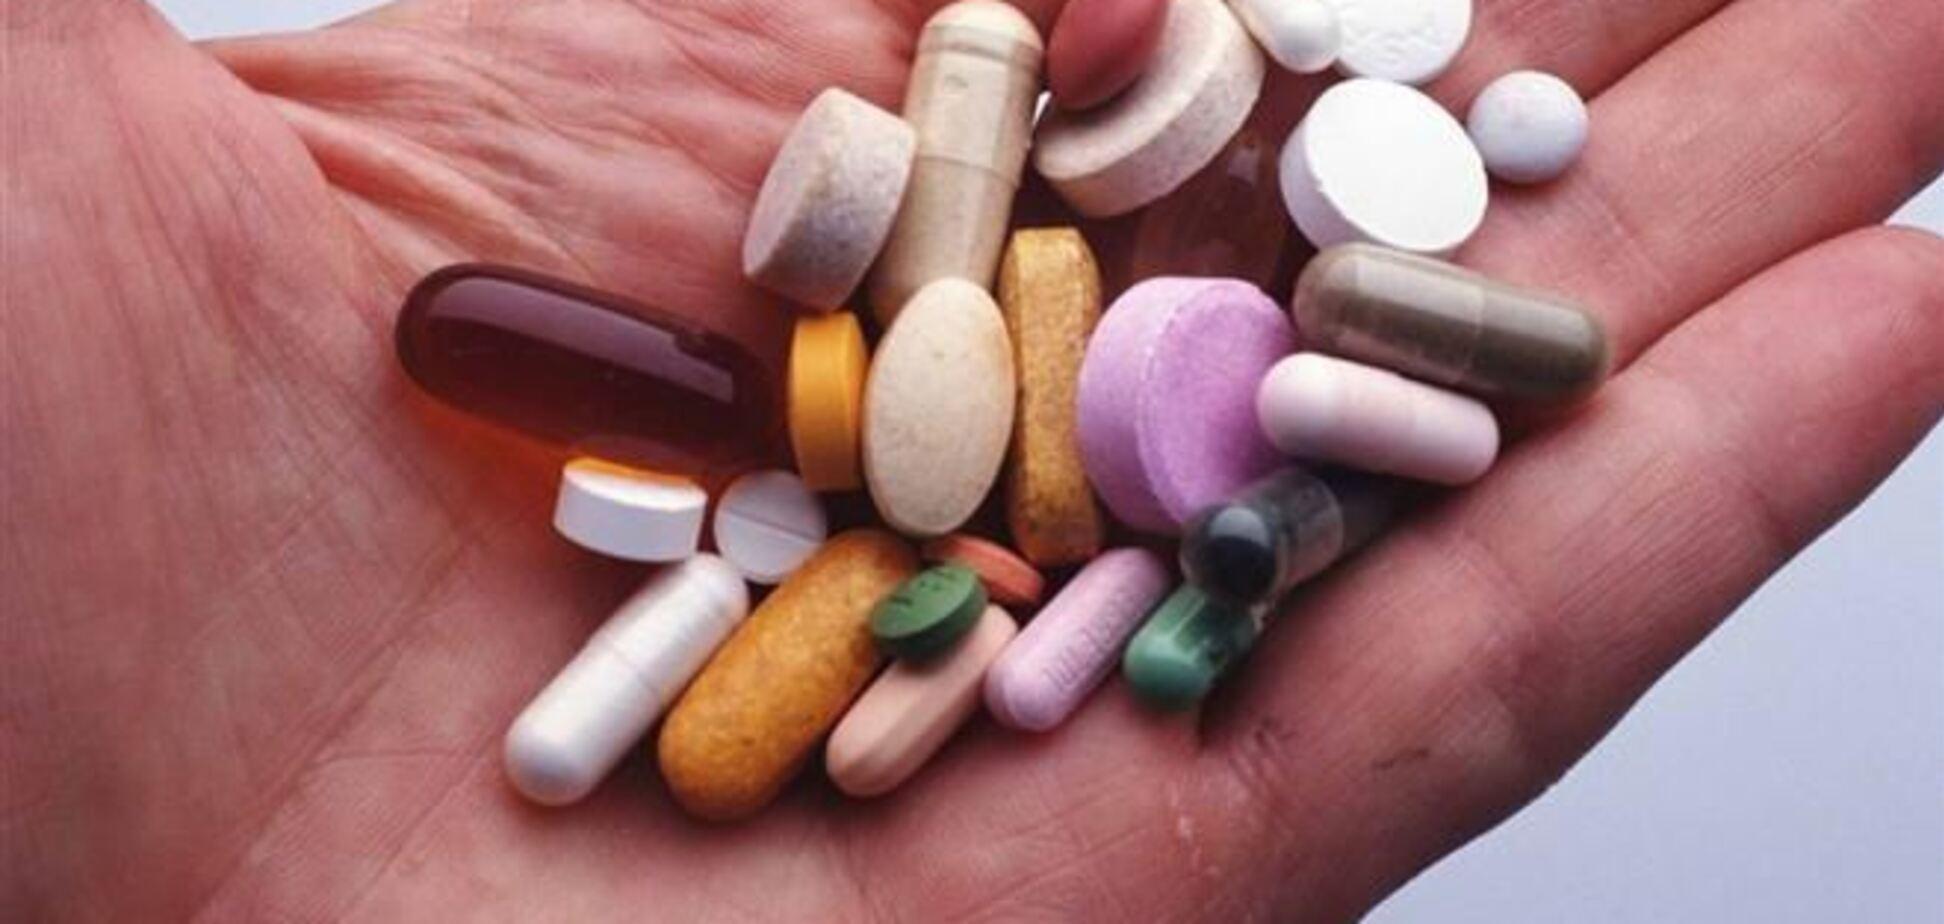 Под видом лекарств украинцам продают ветпрепараты – глава следственной комиссии